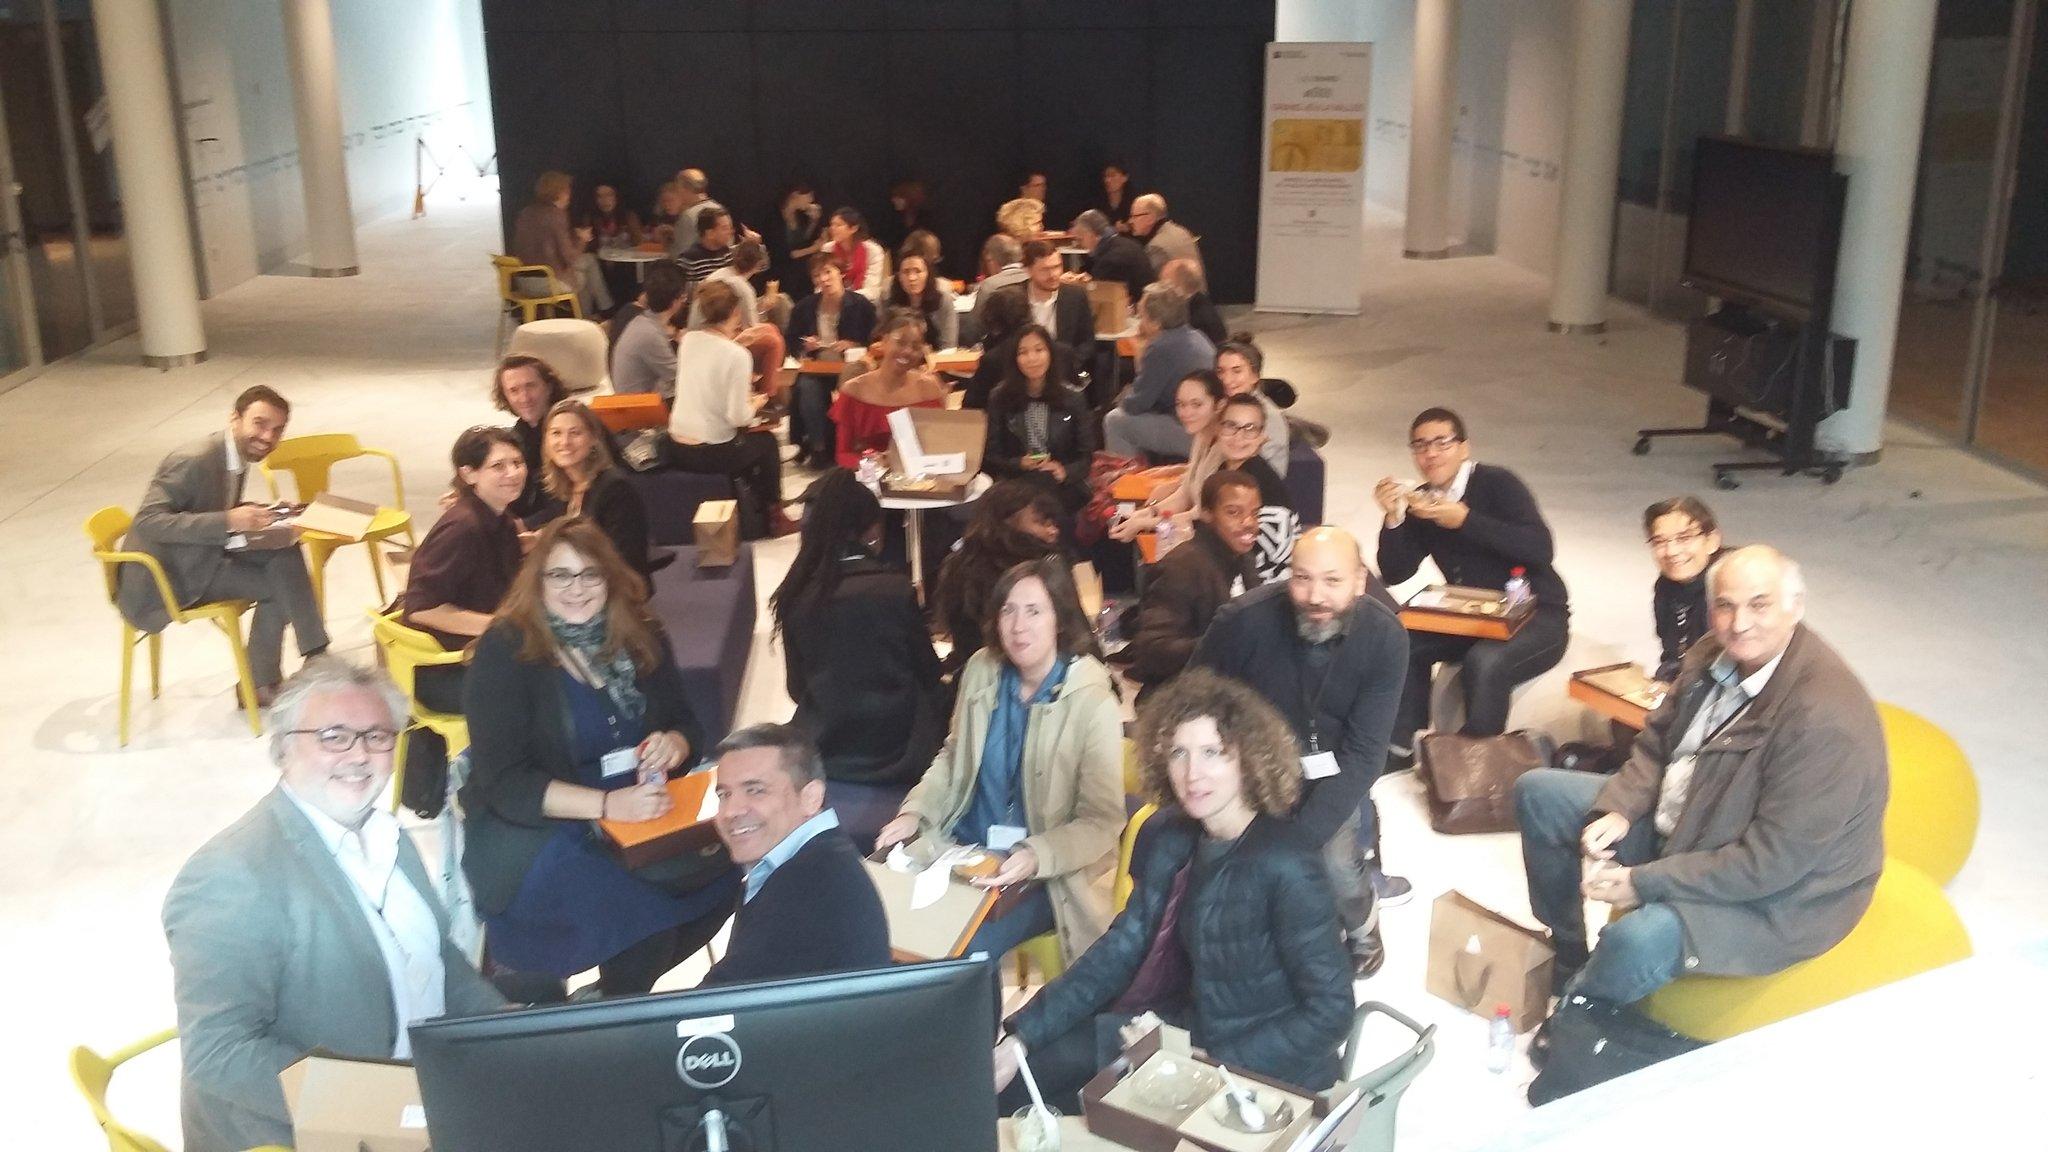 #qnfing la réflexion continue dans le forum pendant le déjeuner @steflarc @HAZERA1 @la_fing #lesdunes #leplateau @sophiemaheo @FMDelasalles https://t.co/SqBdfppmlb